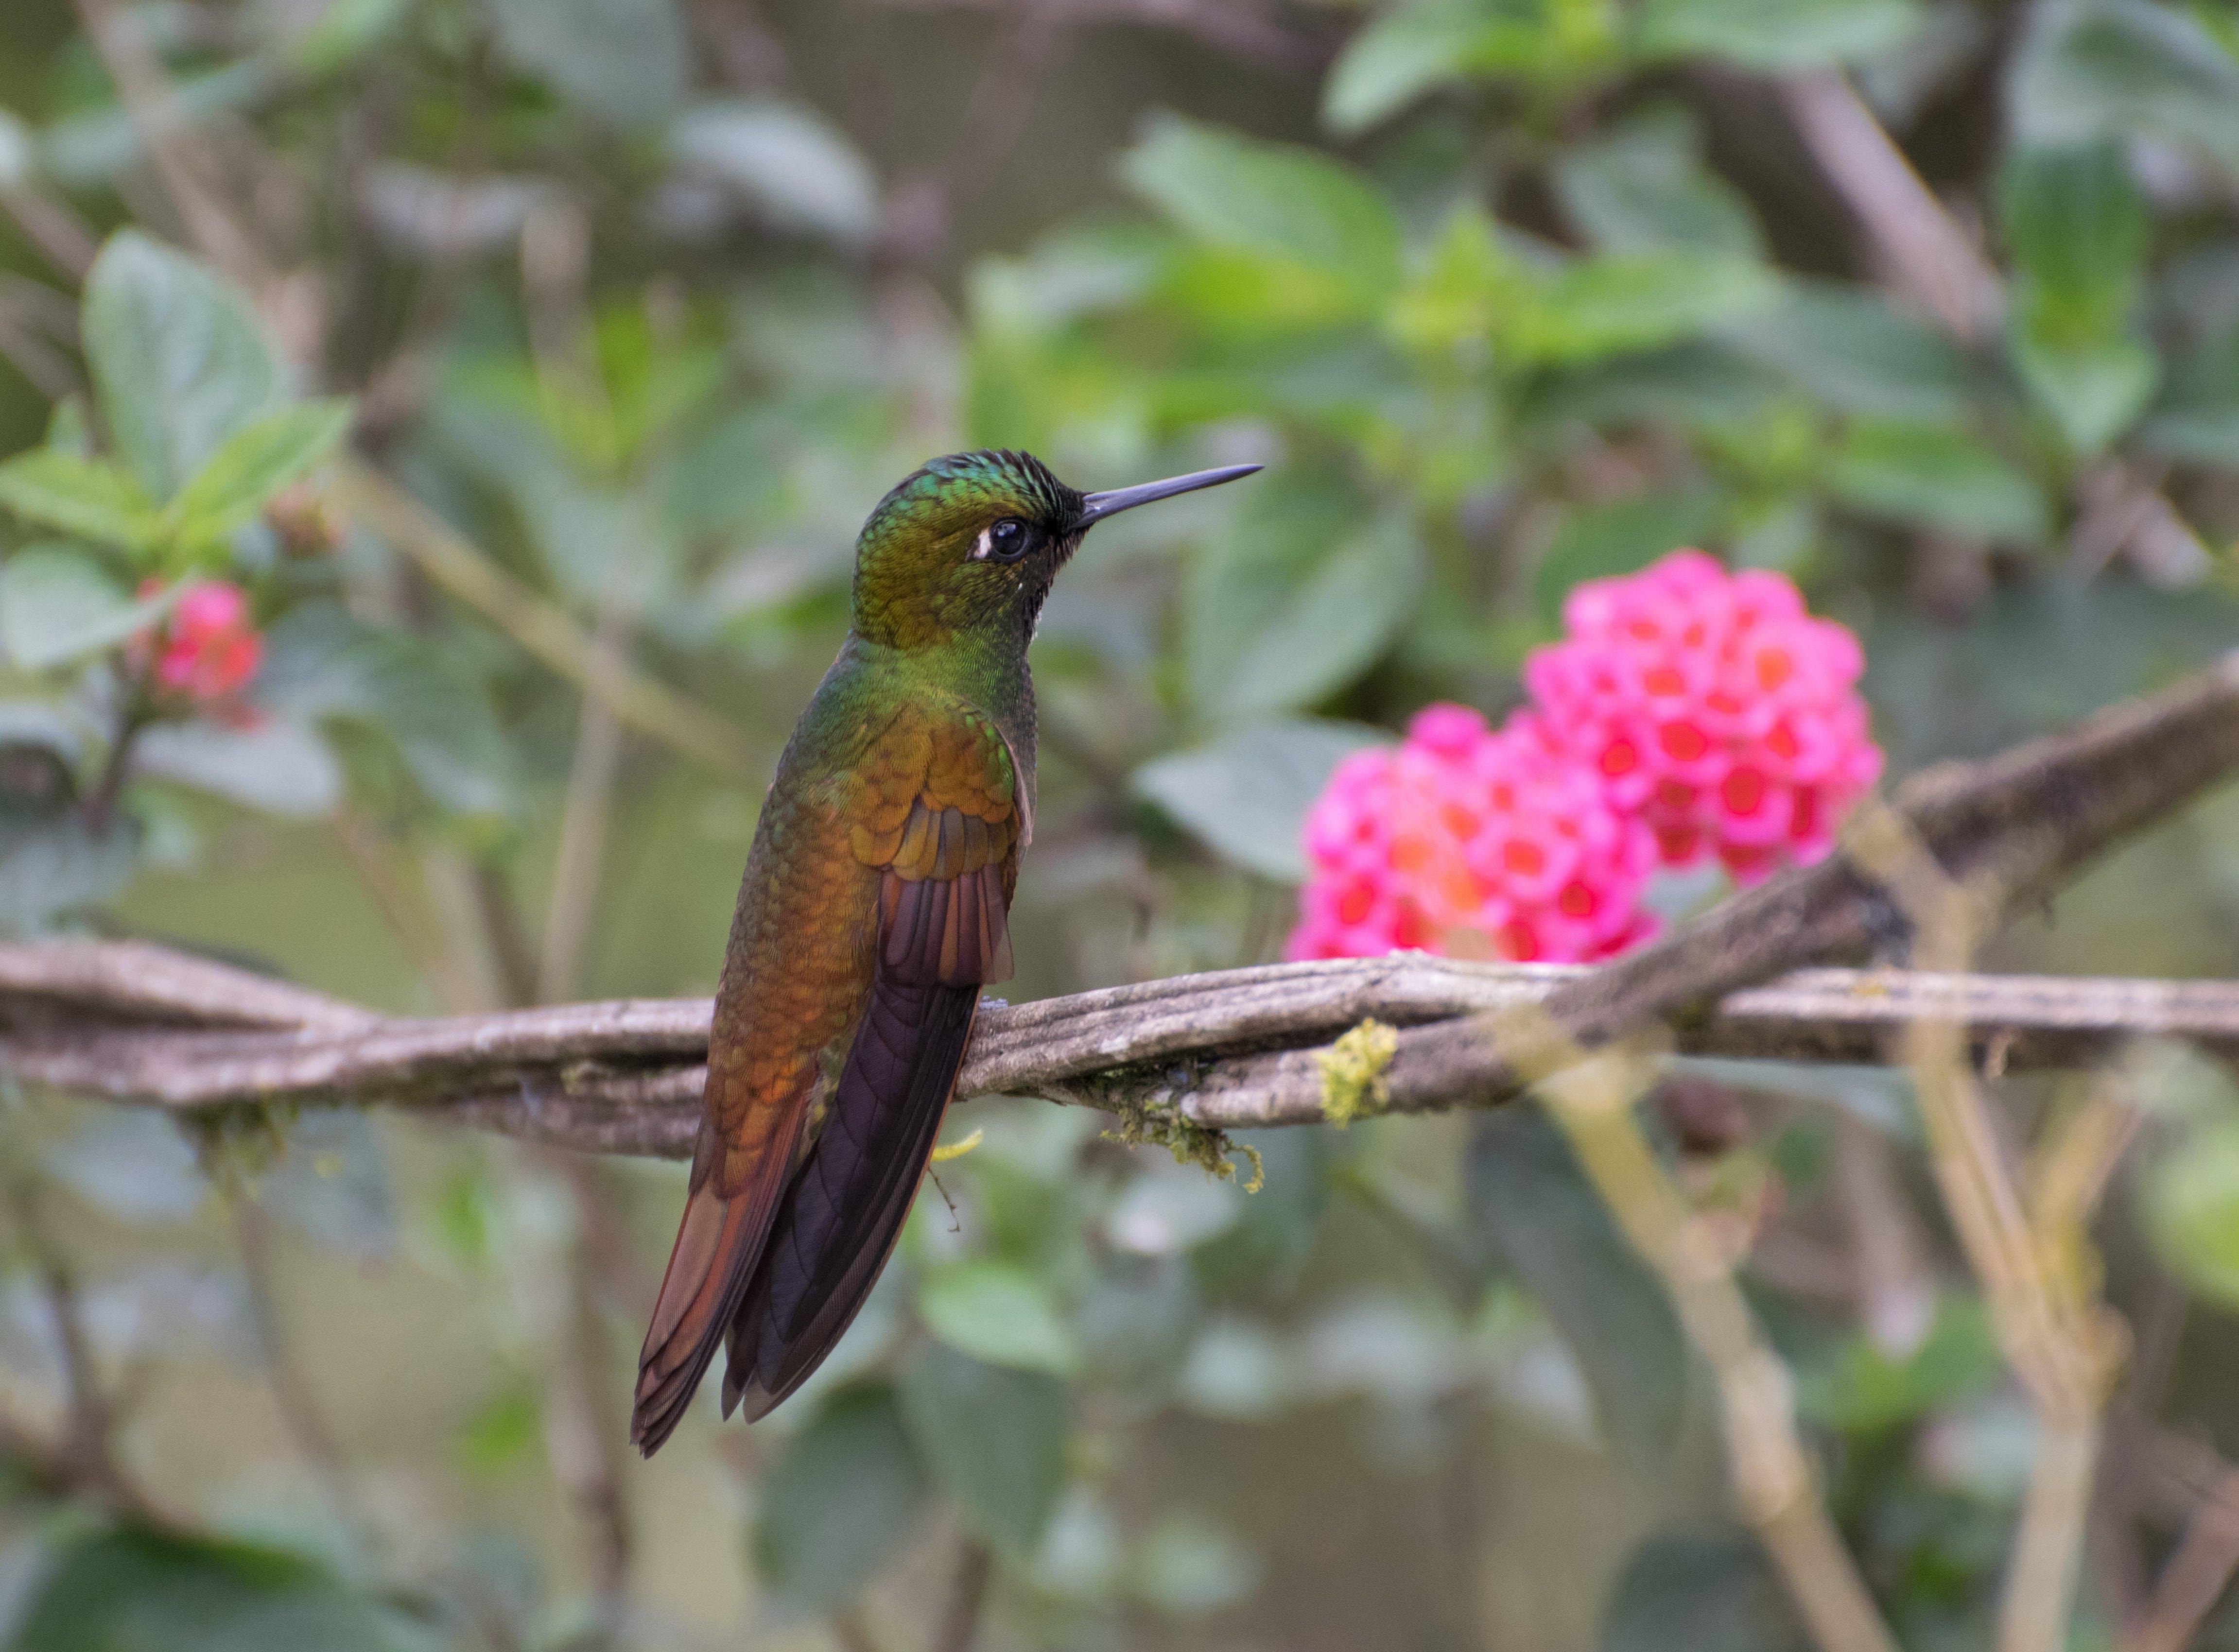 Free stock photo of bird, hummingbird, wild animal, wild bird